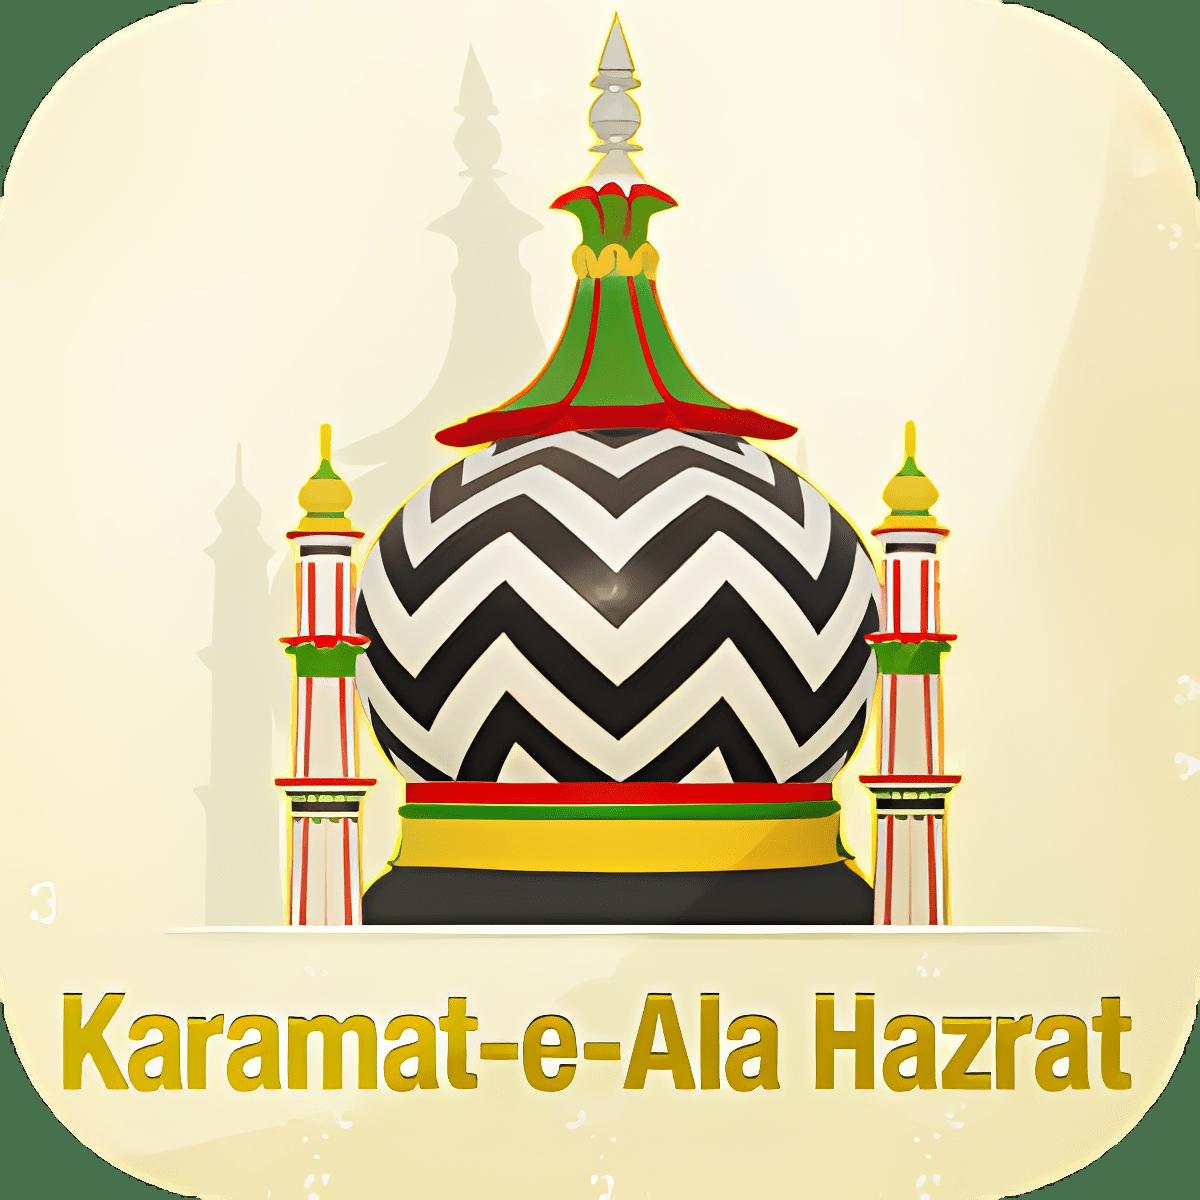 Karamat-e-Ala Hazrat 1.0.0